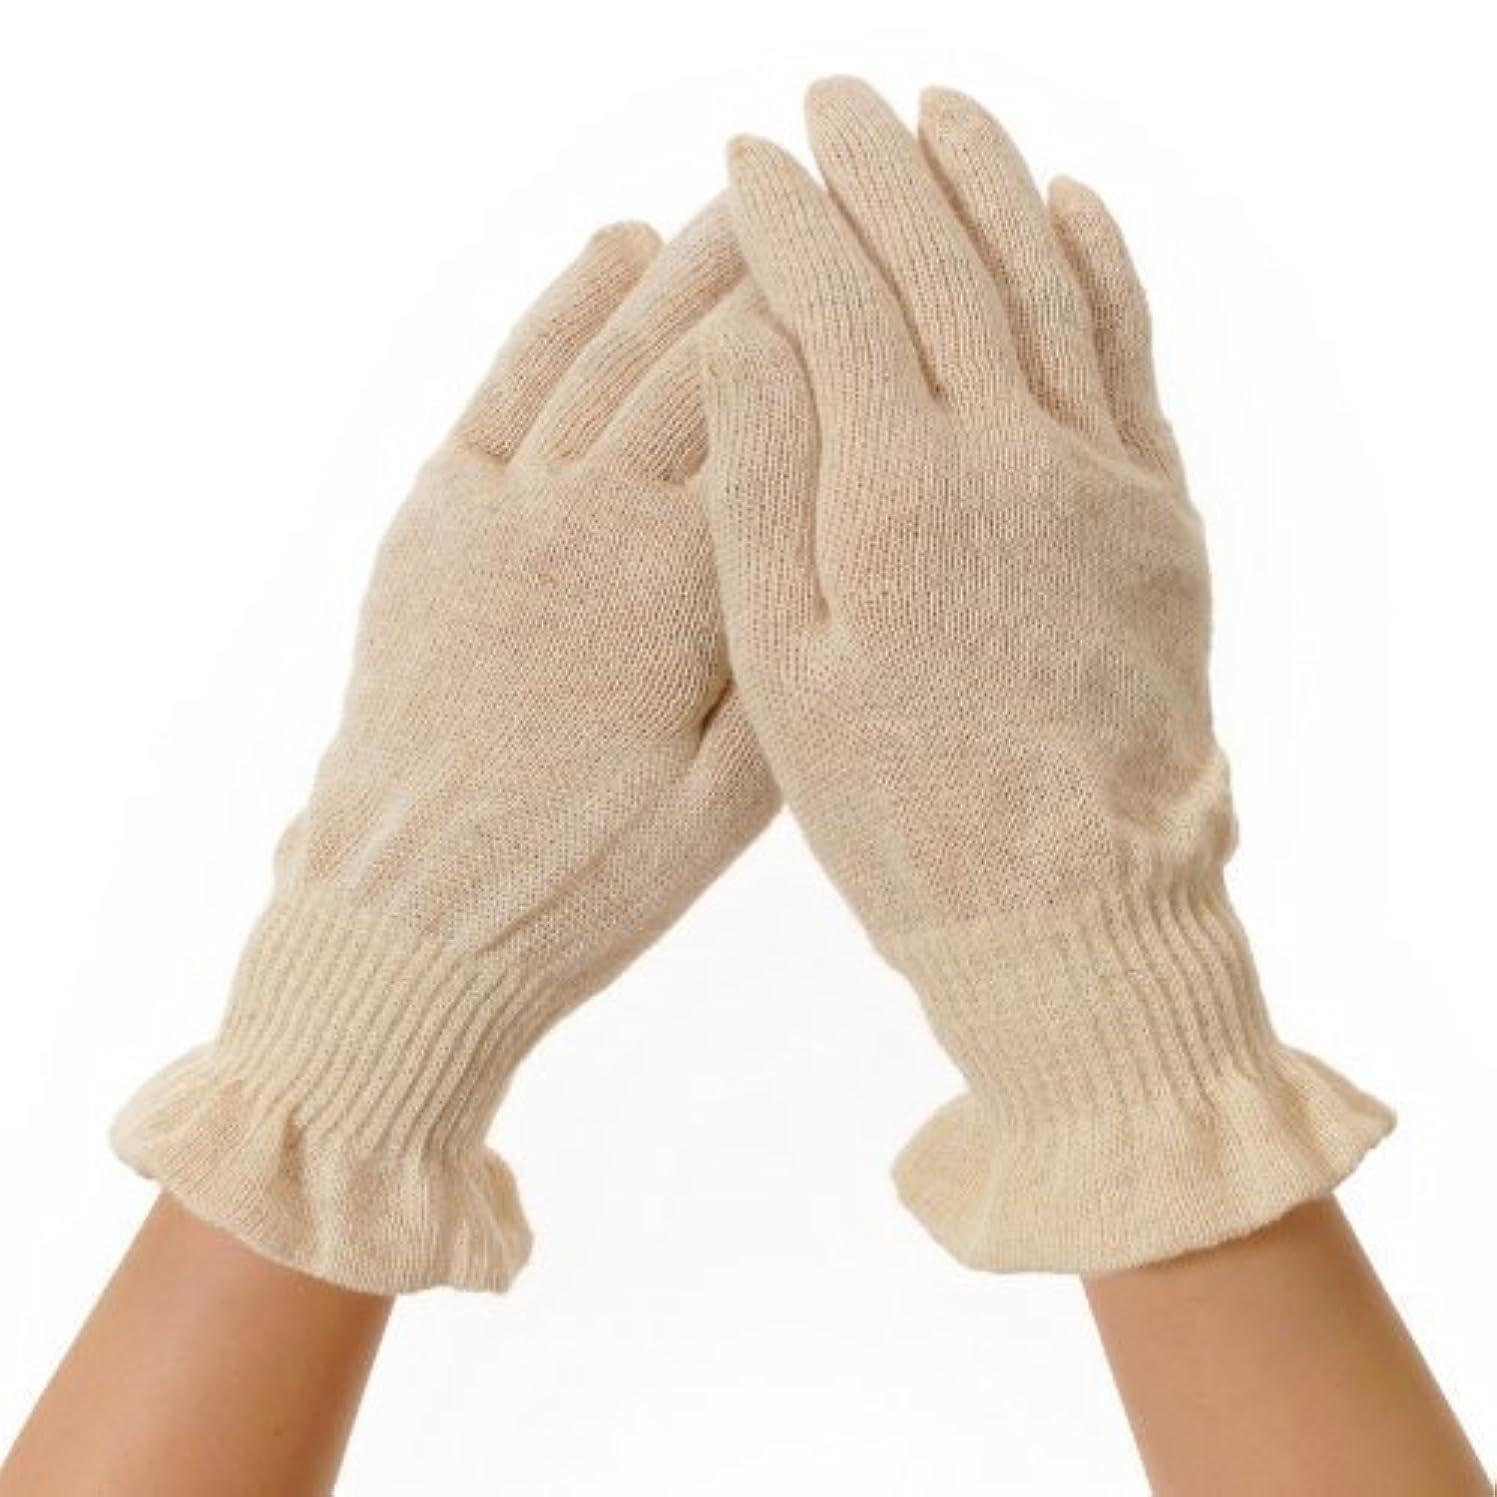 麻福 就寝用 手袋 [寝ている間に保湿で手荒れケア おやすみ手袋] 麻福特製ヘンプ糸 Sサイズ (女性ジャストフィット) きなり色 手荒れ予防